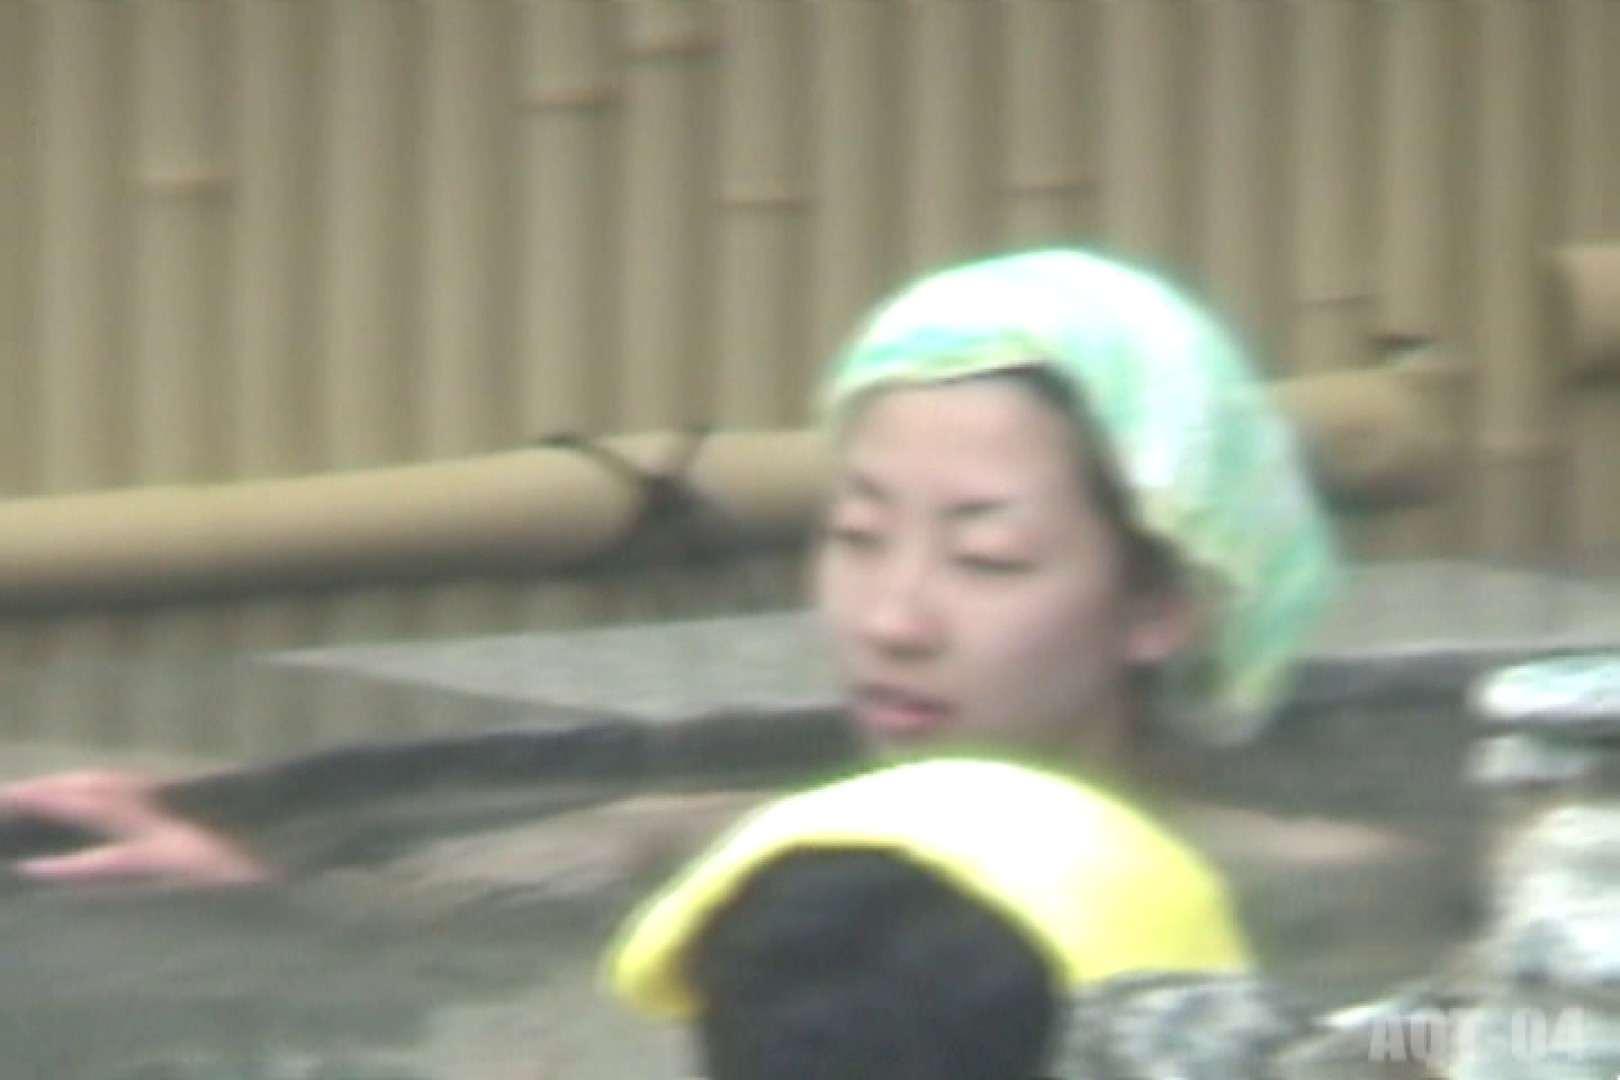 Aquaな露天風呂Vol.739 露天風呂 | 盗撮動画  11枚 1